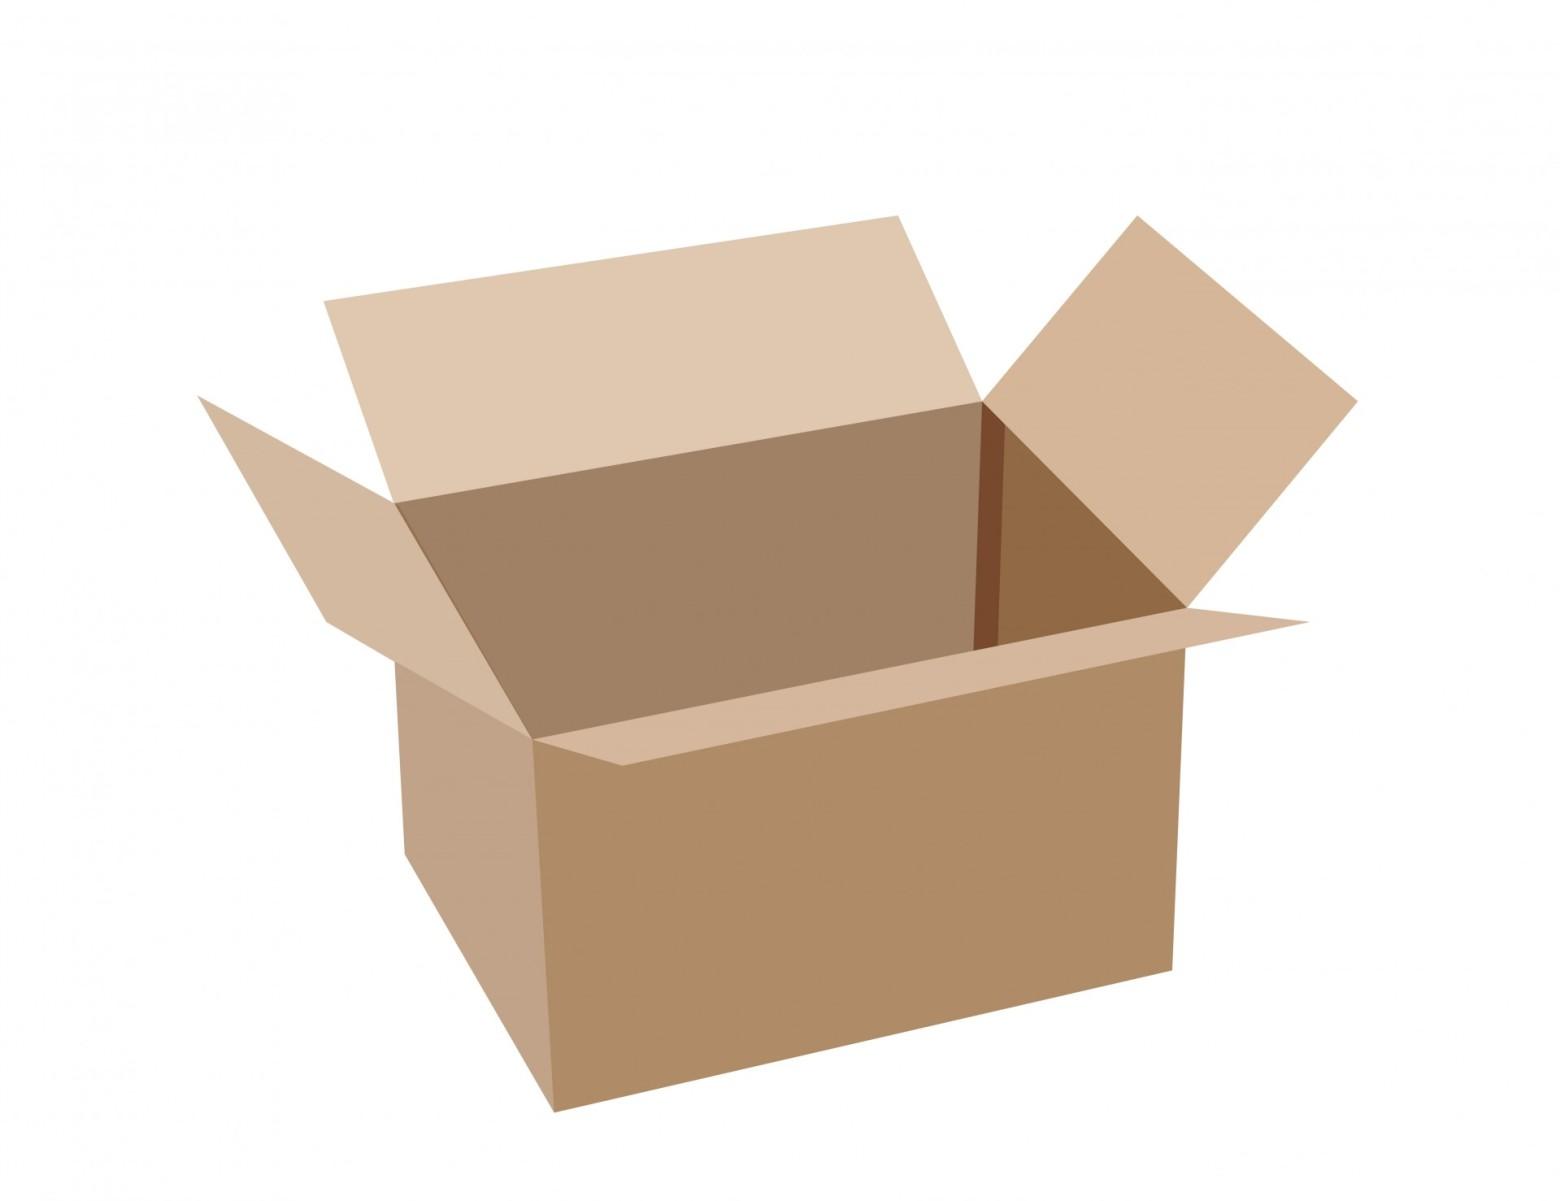 bo te carton d emballage conditionnement images clipart gratuites images gratuites et libres. Black Bedroom Furniture Sets. Home Design Ideas